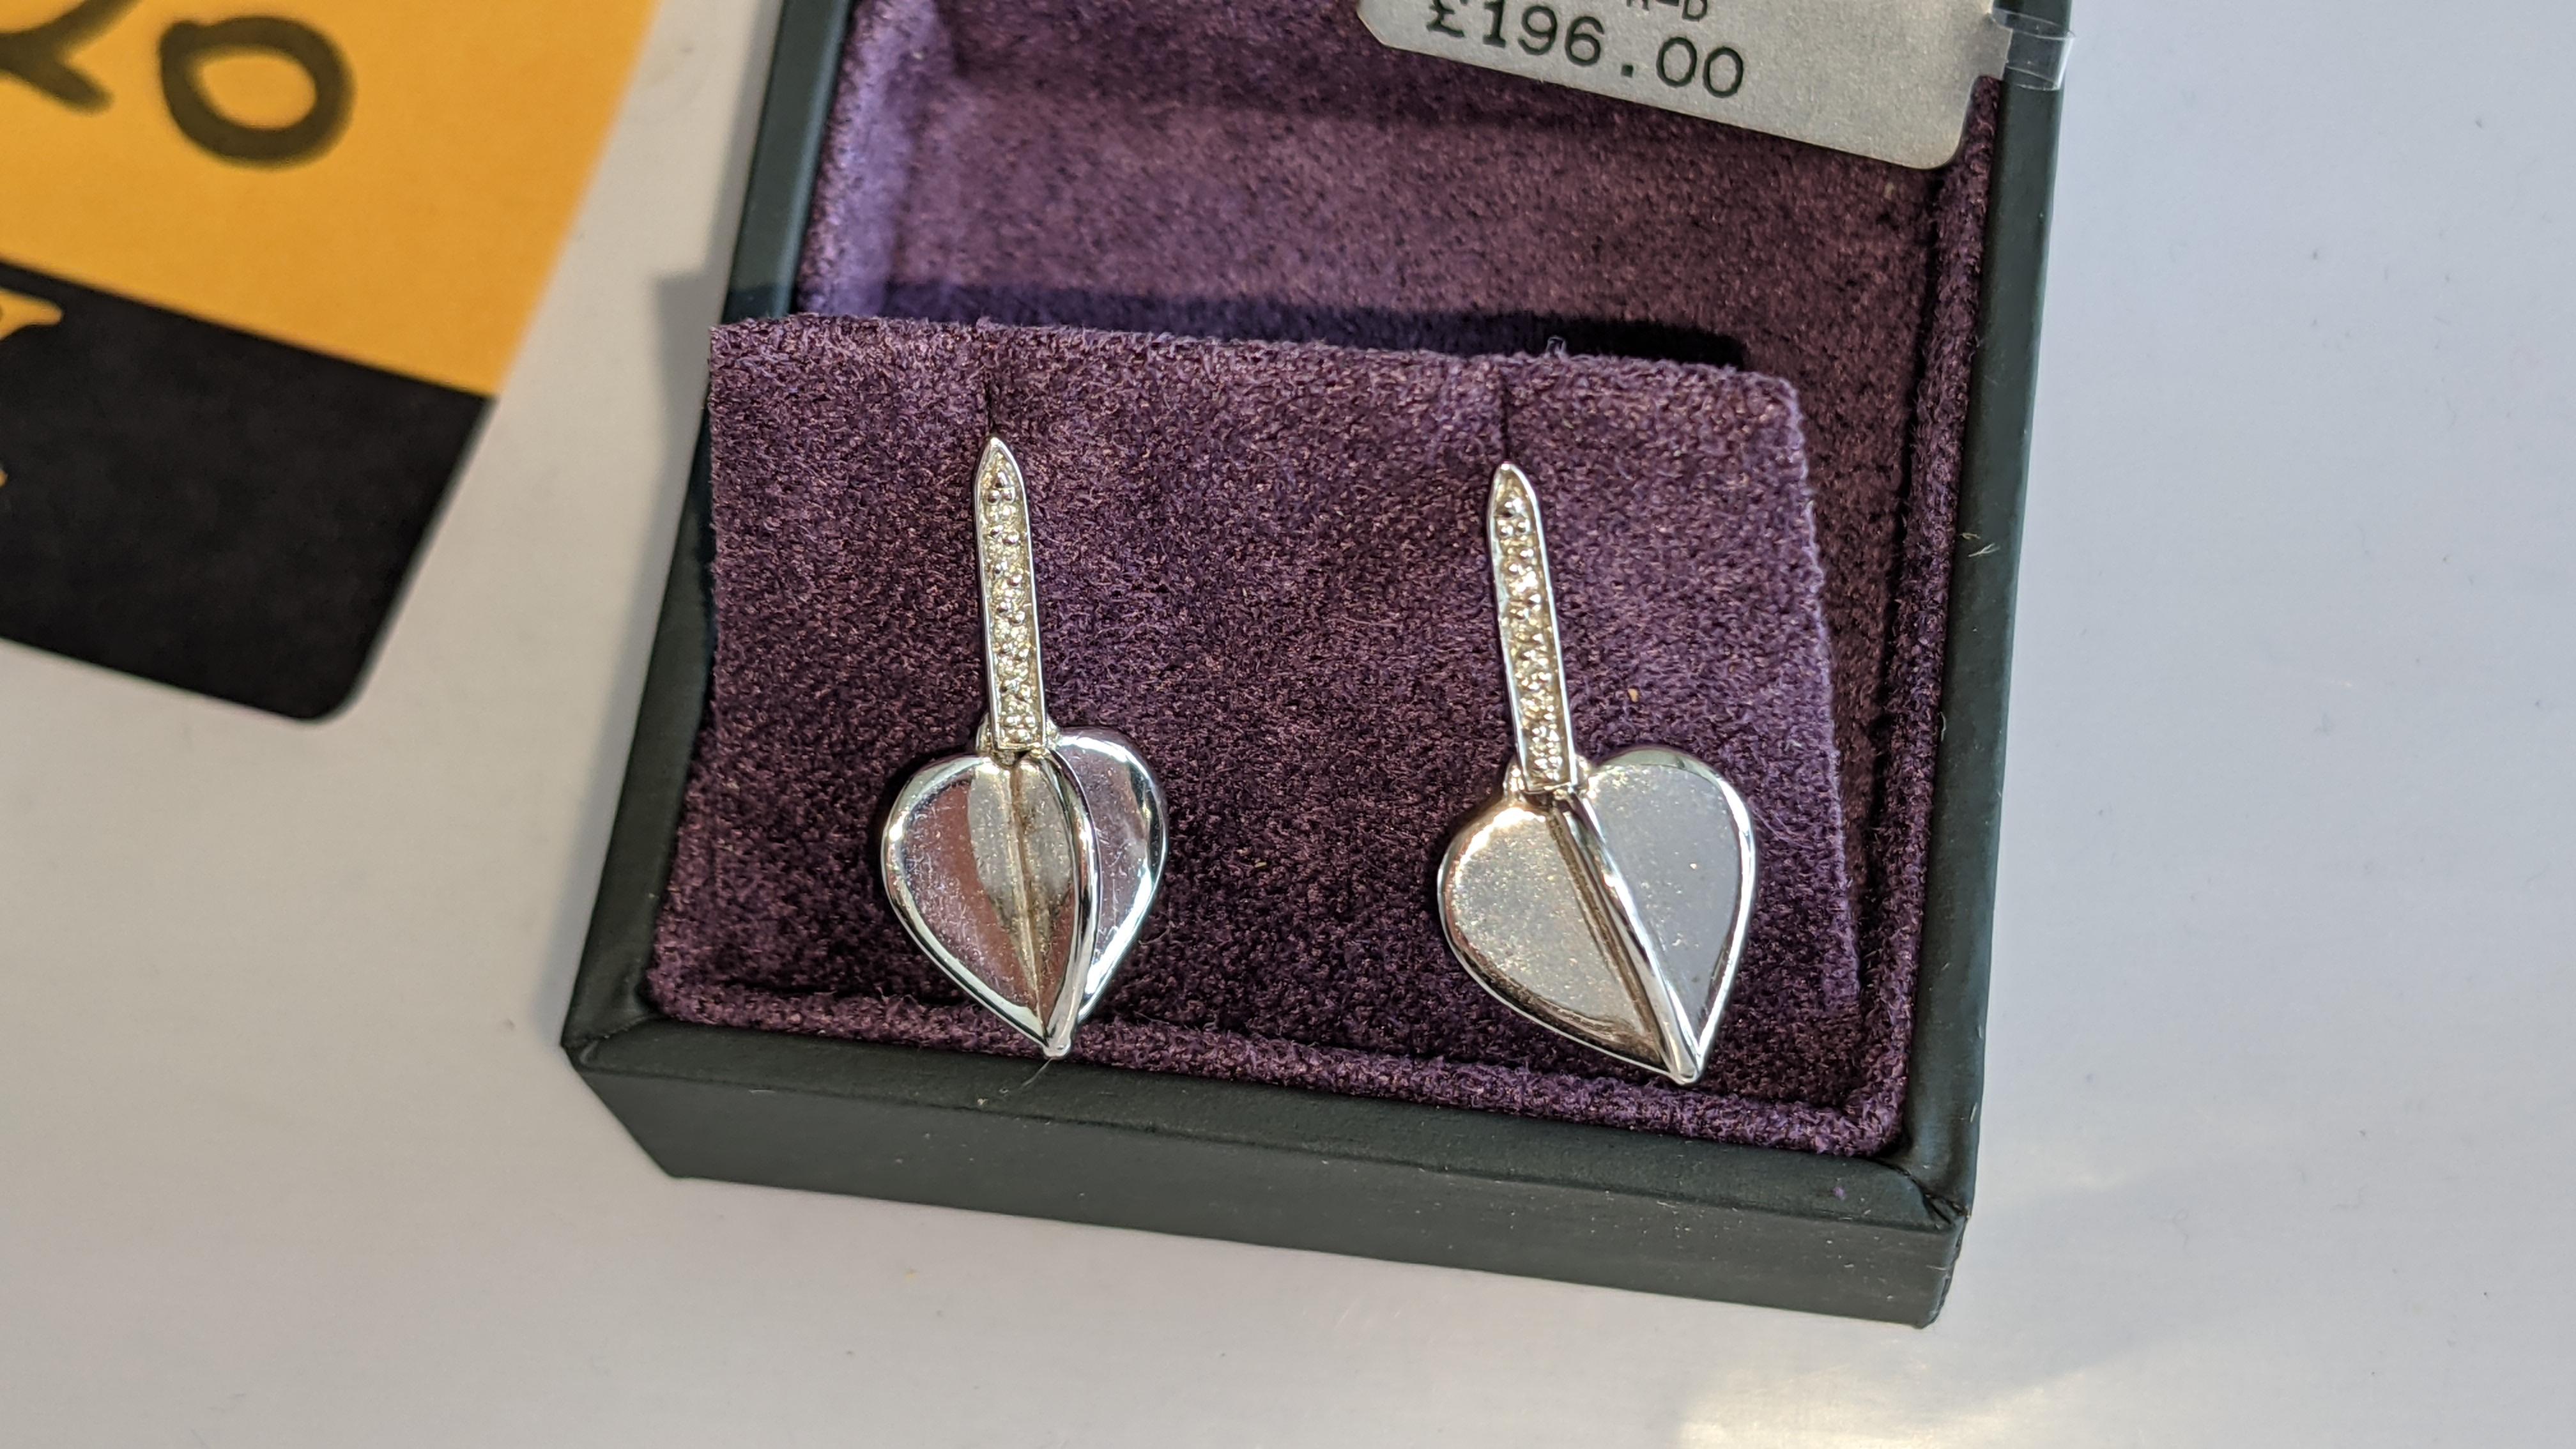 Pair of earrings, retail price £196 - Image 7 of 11